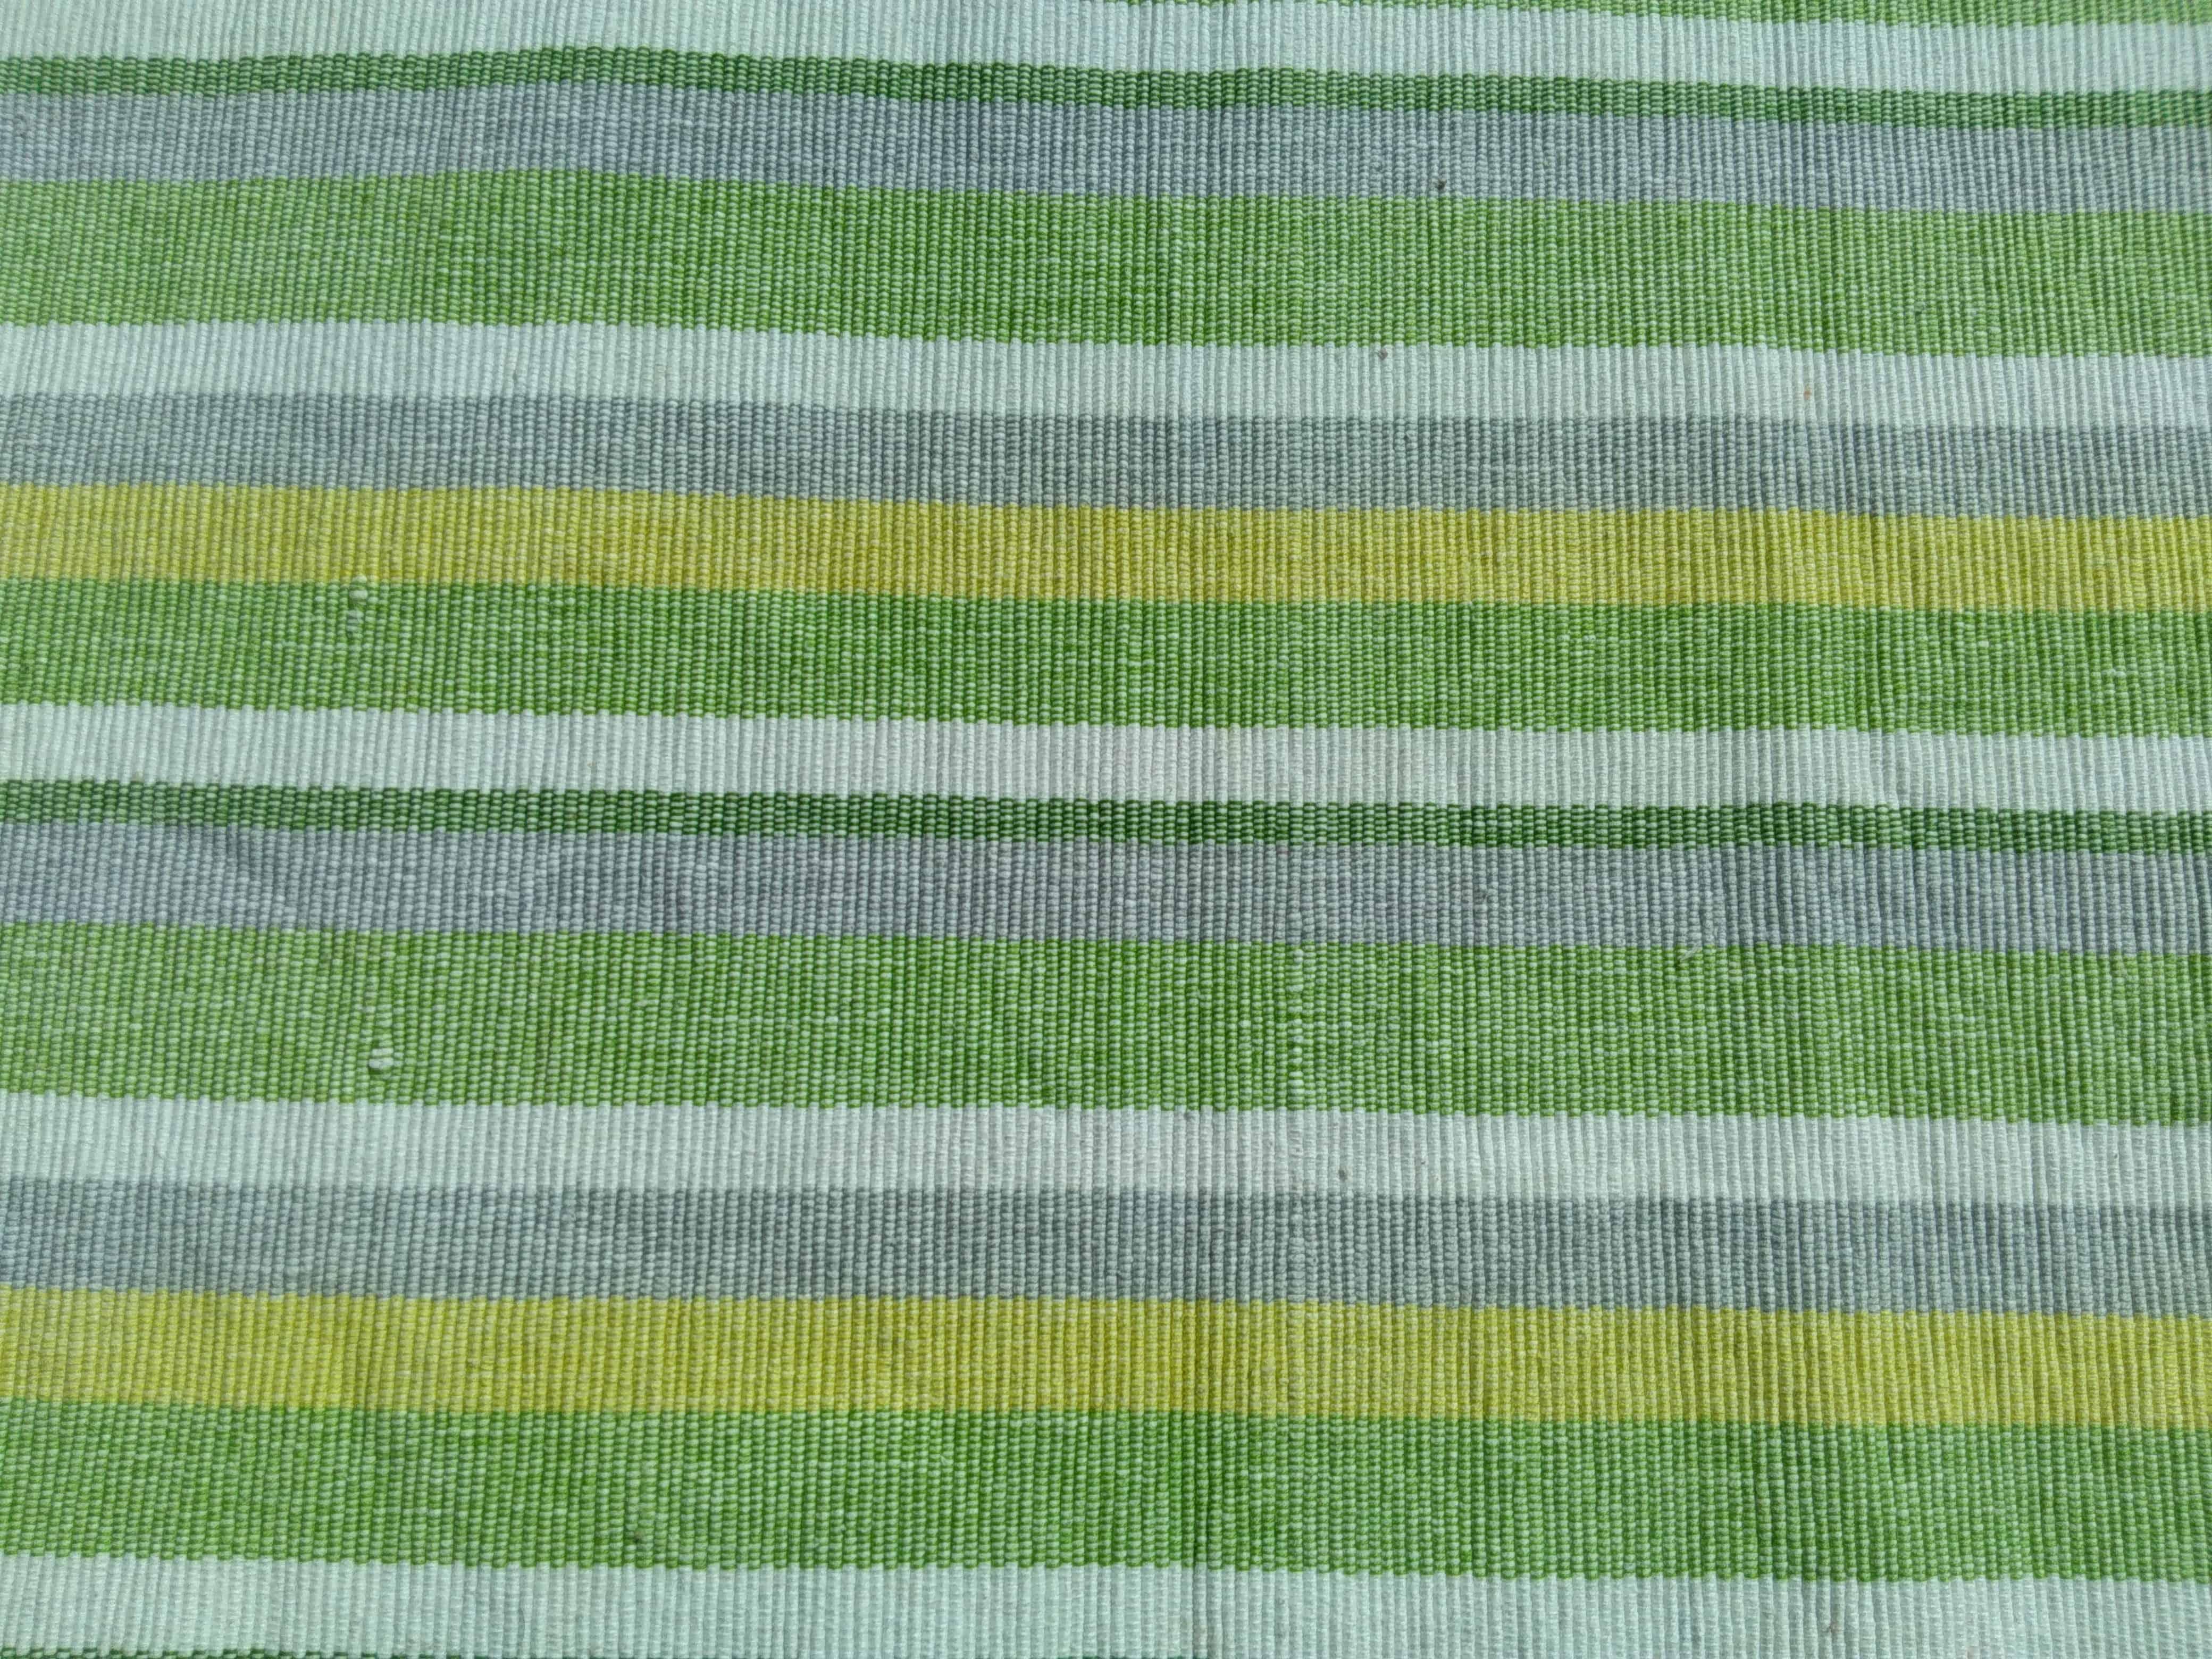 Imagen gratis: algodón, fibra, textil, lona, lino, patrón, Resumen